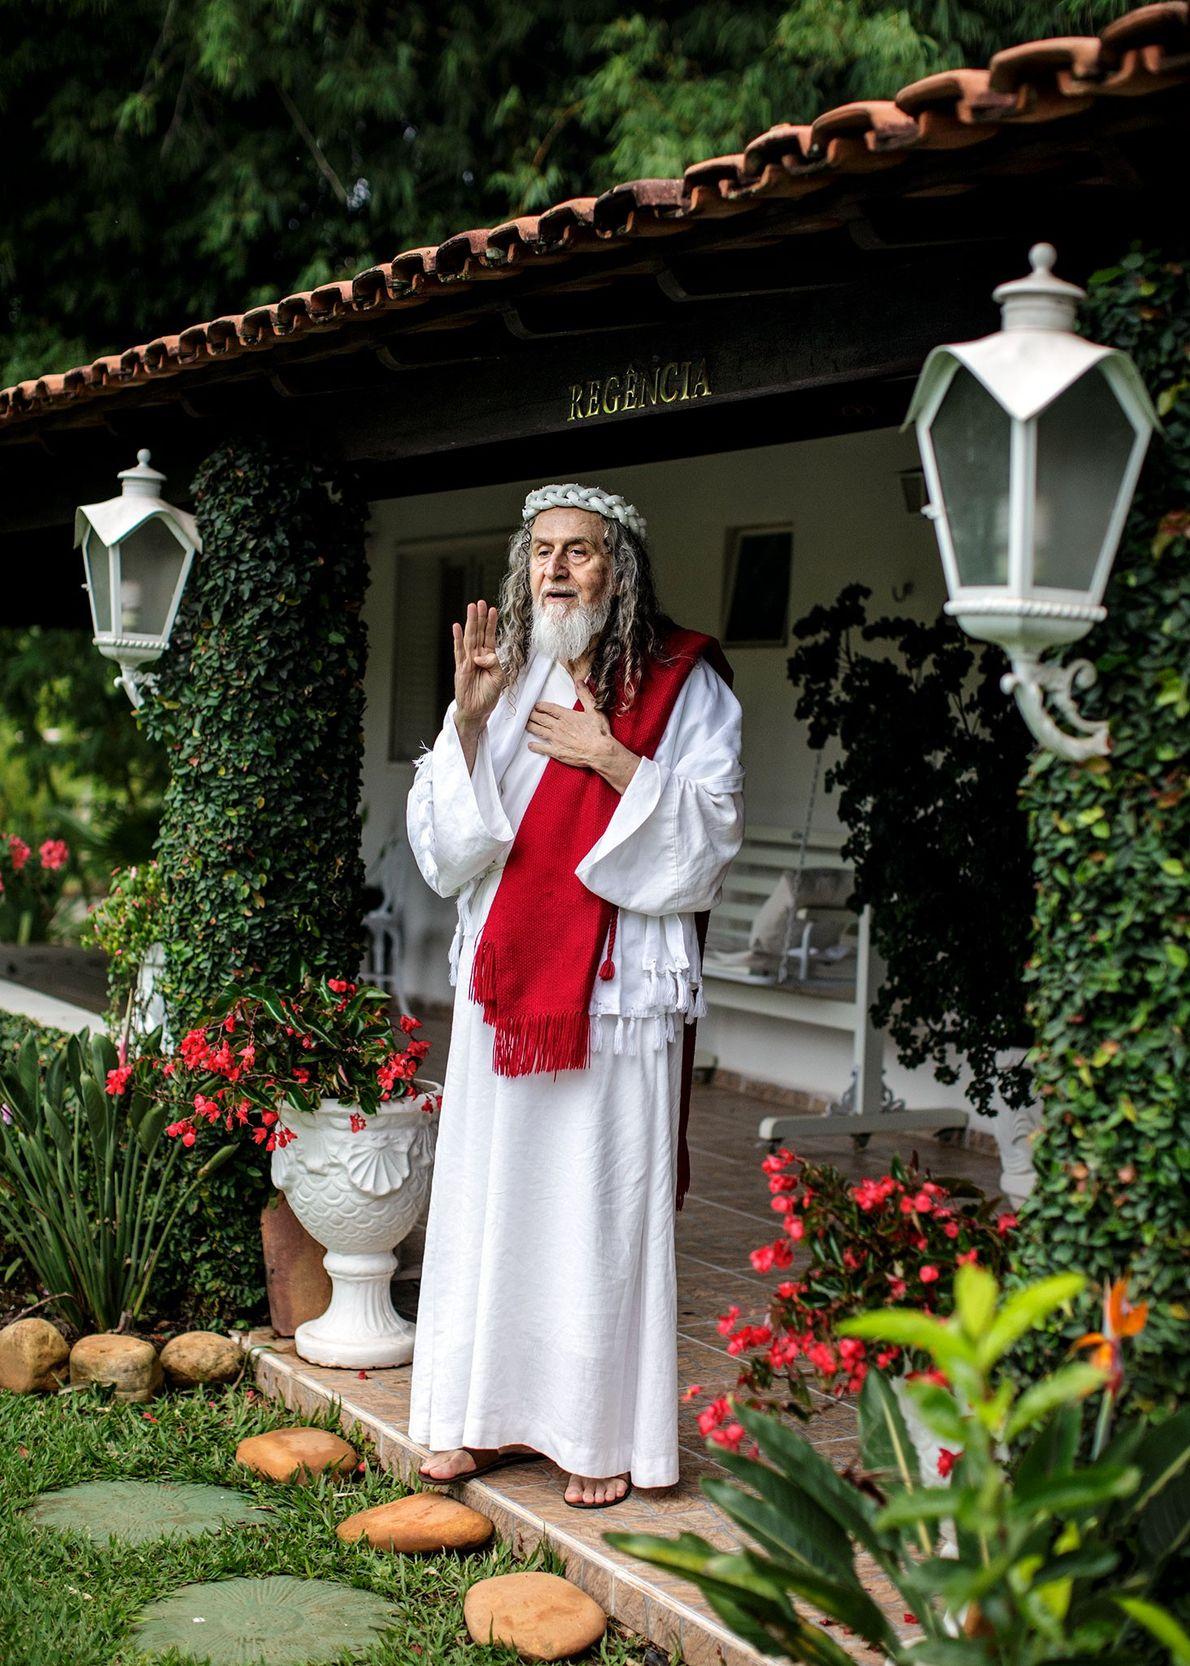 INRI Cristo en su bungalow